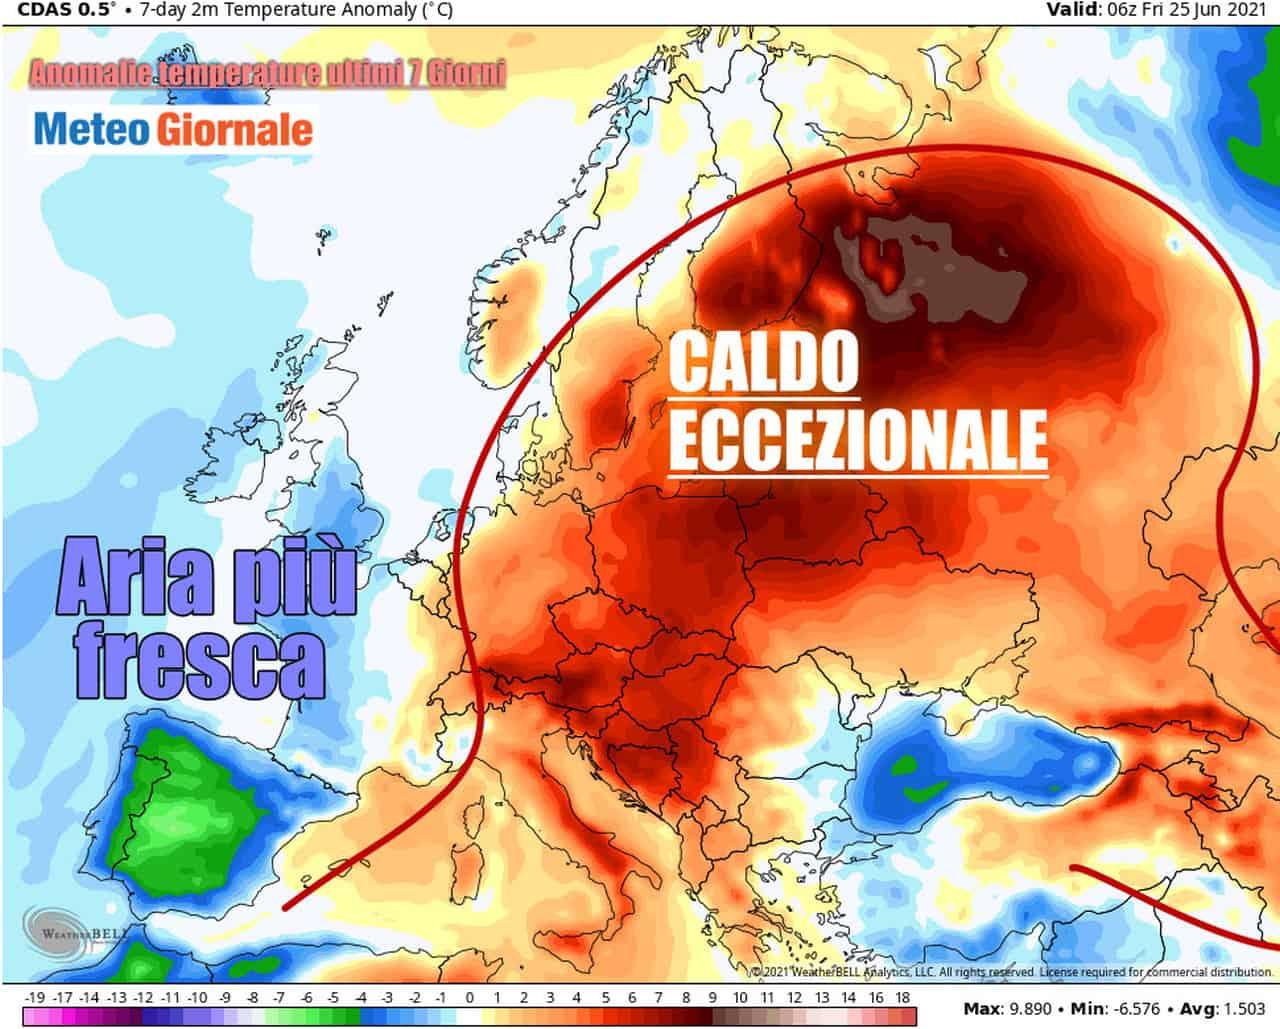 clima europa 18 24 giugno - METEO FOLLE avvio estate, valanga di RECORD di CALDO in oltre mezza Europa